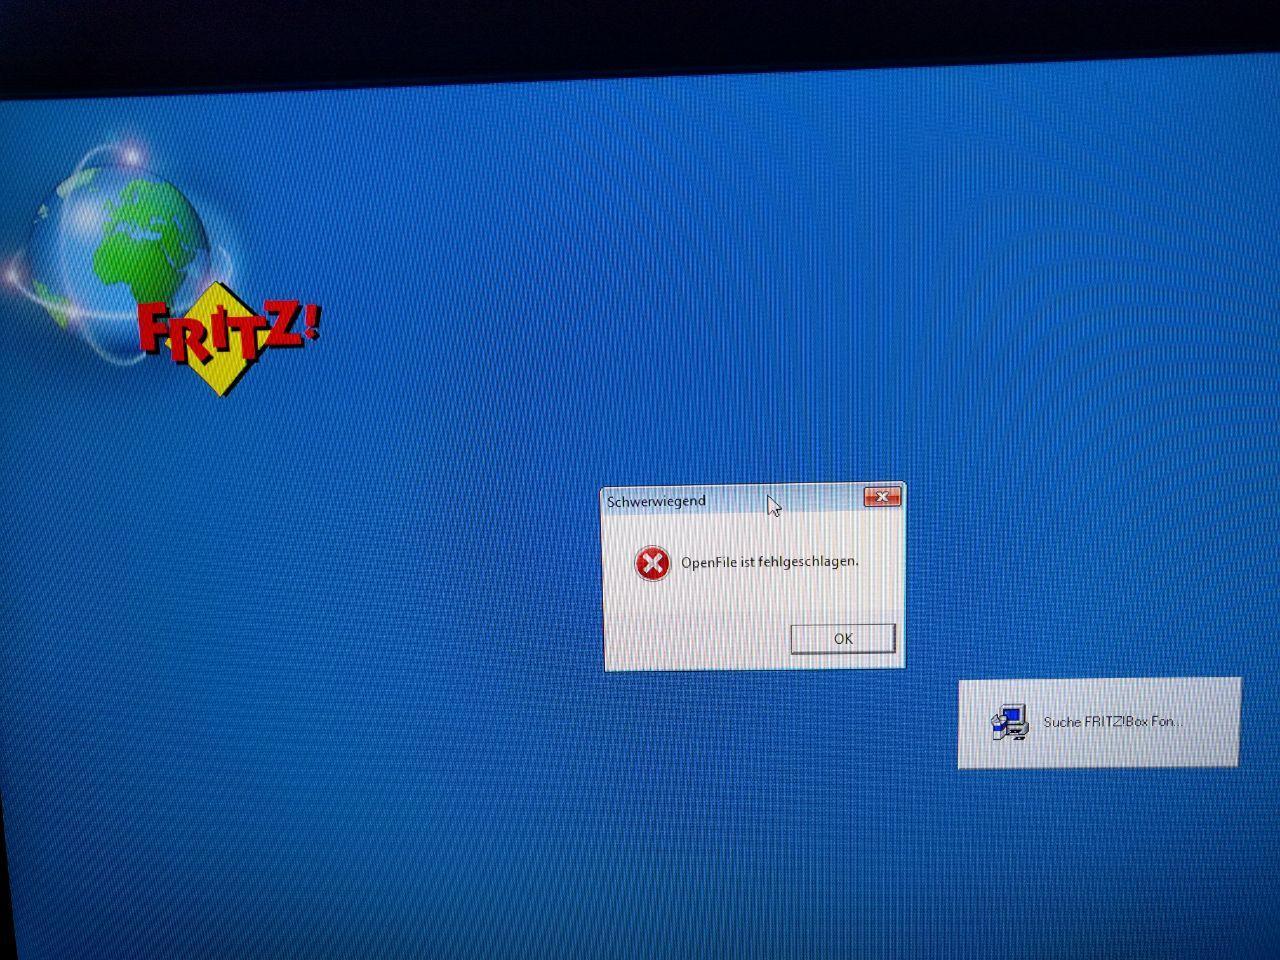 Fritz Fax lässt sich nicht installieren – OpenFile ist fehlgeschlagen – es wurde keine FRITZ!Box gefunden